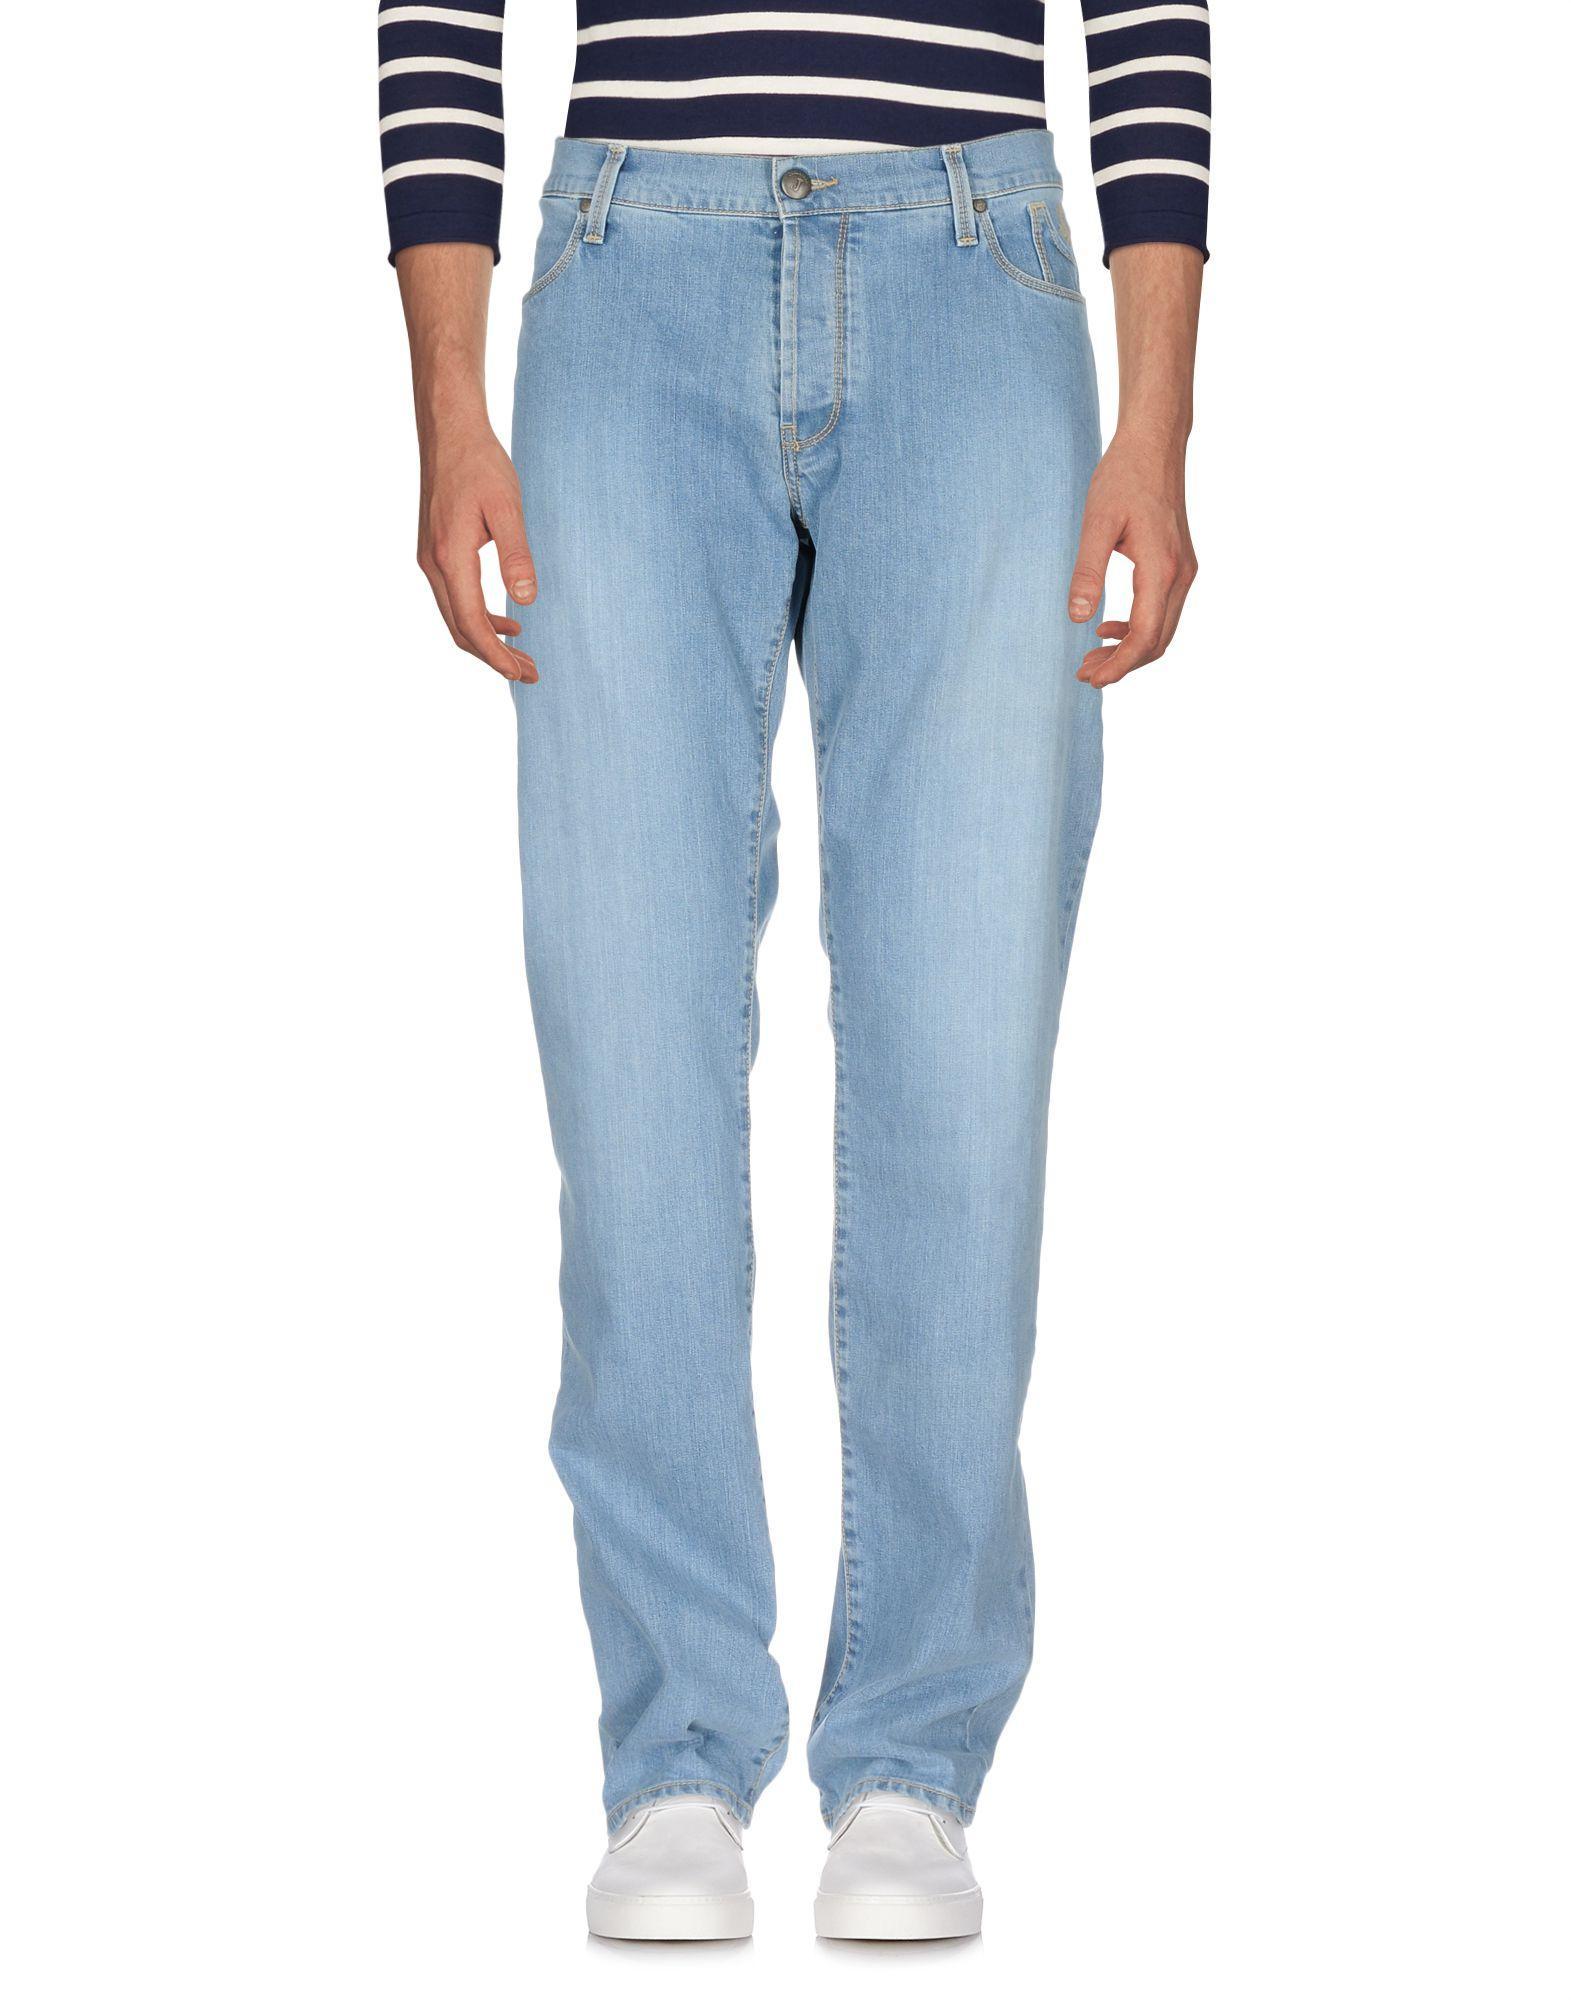 Jeckerson Jeans In Blue